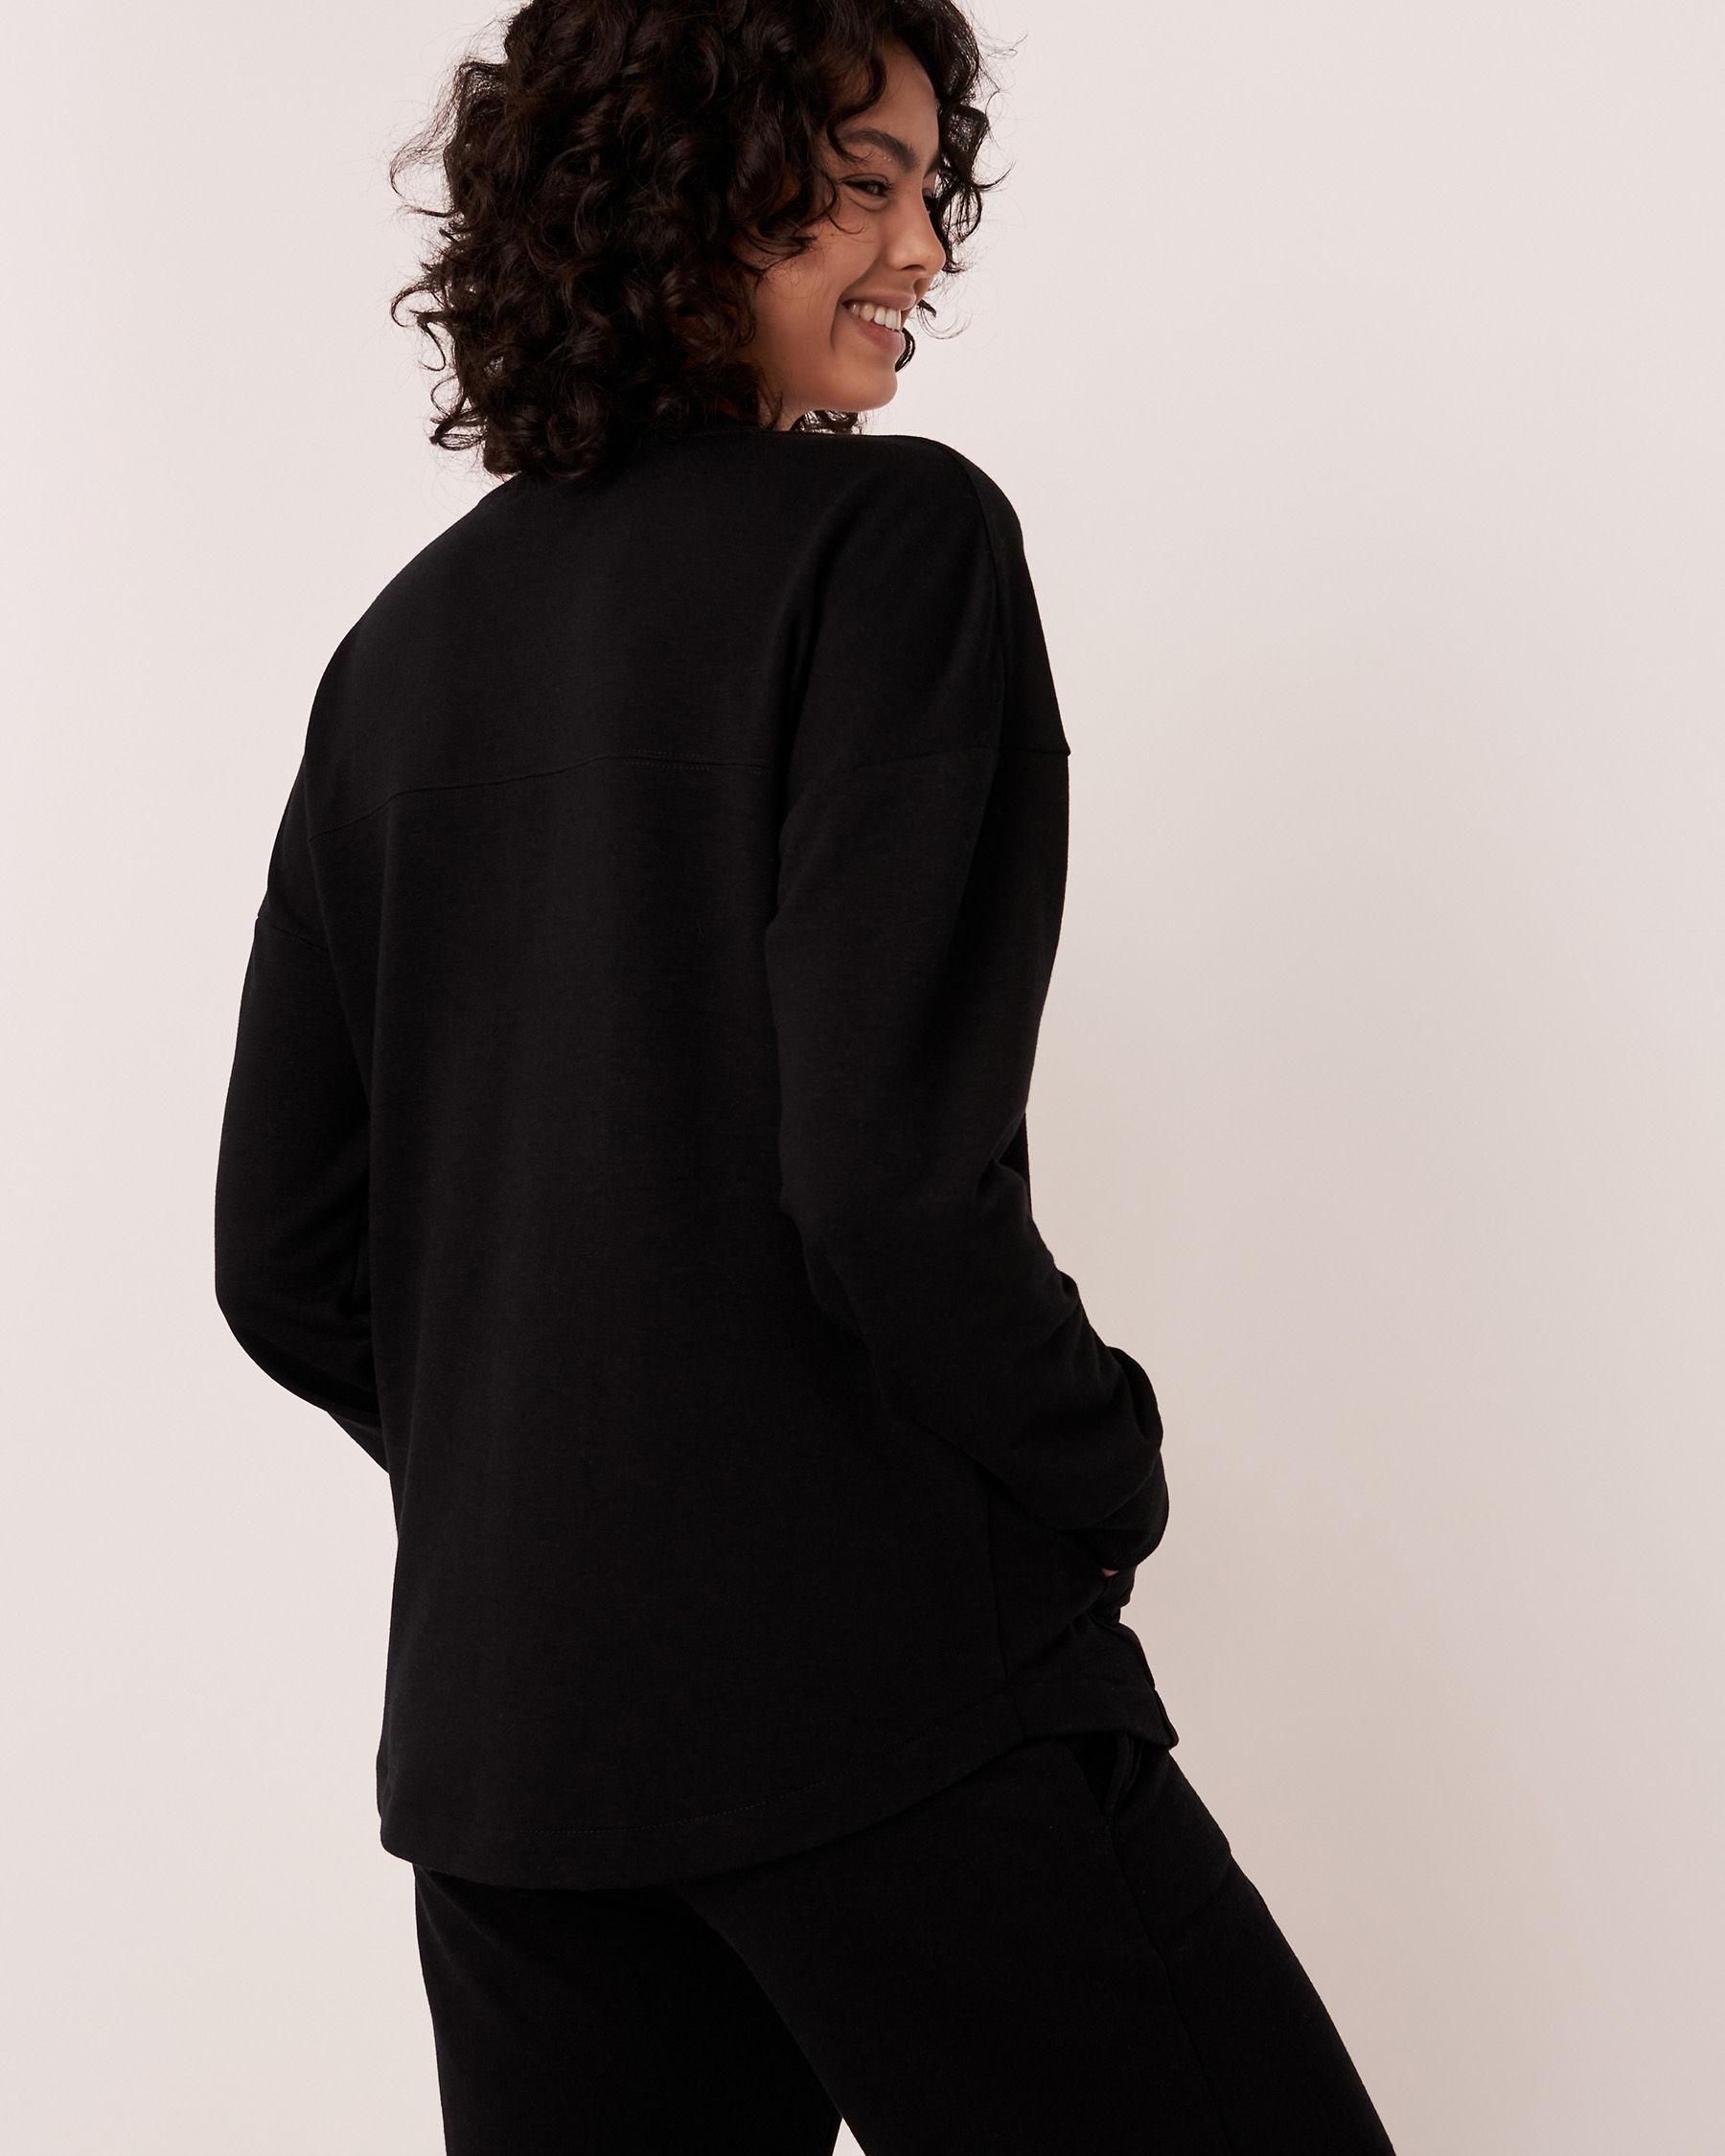 LA VIE EN ROSE Drop Shoulder Shirt Black 50100018 - View2